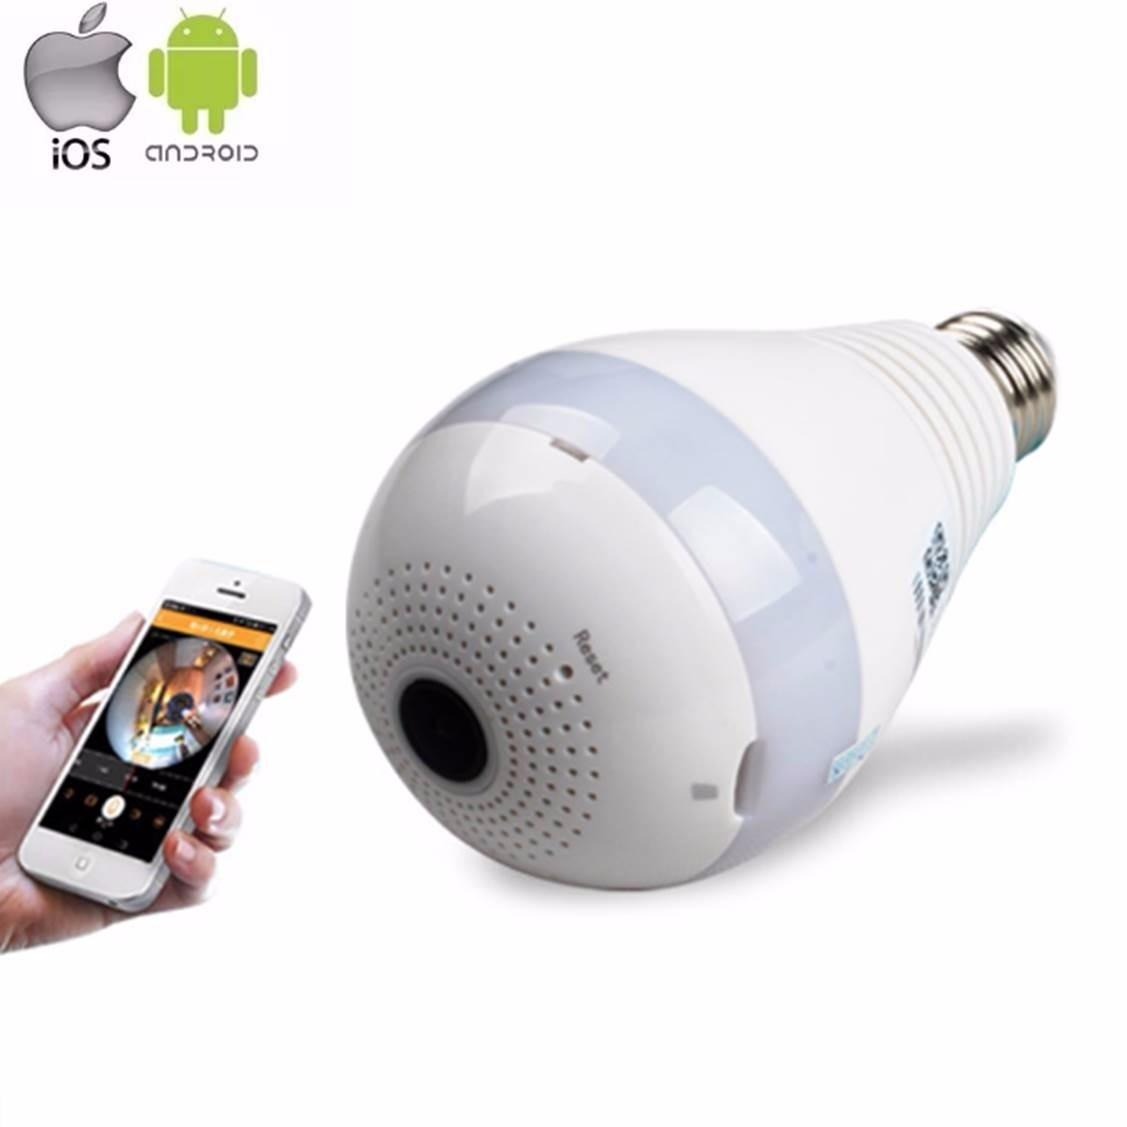 Câmera Lâmpada Espiã Wifi Hd Ip Led  Panorâmica Vr 360º com Áudio